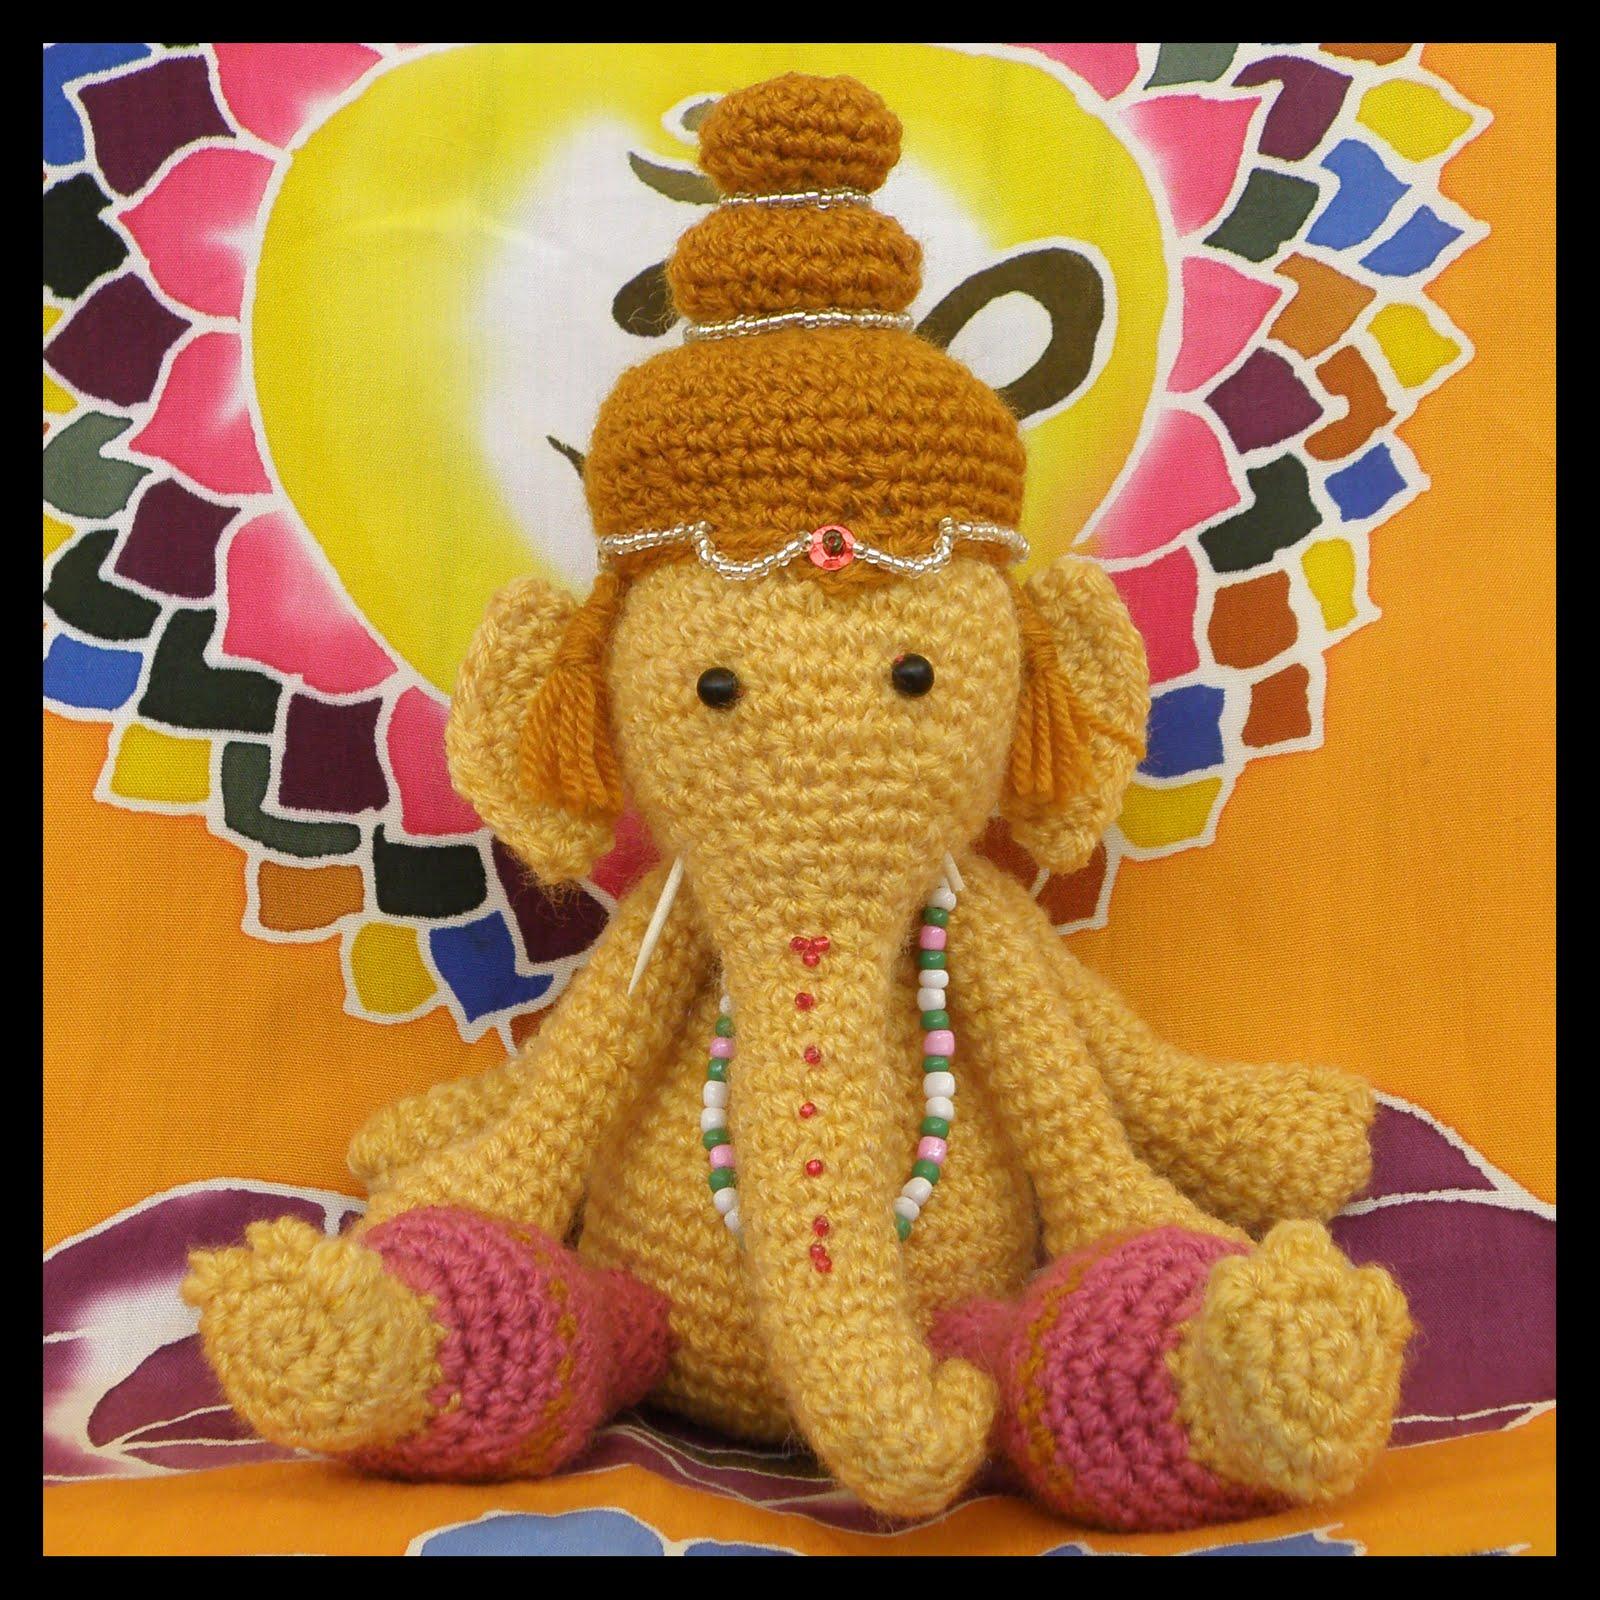 Patrón gratis amigurumi de elefantes colgantes - amigurumis y más | 1600x1600